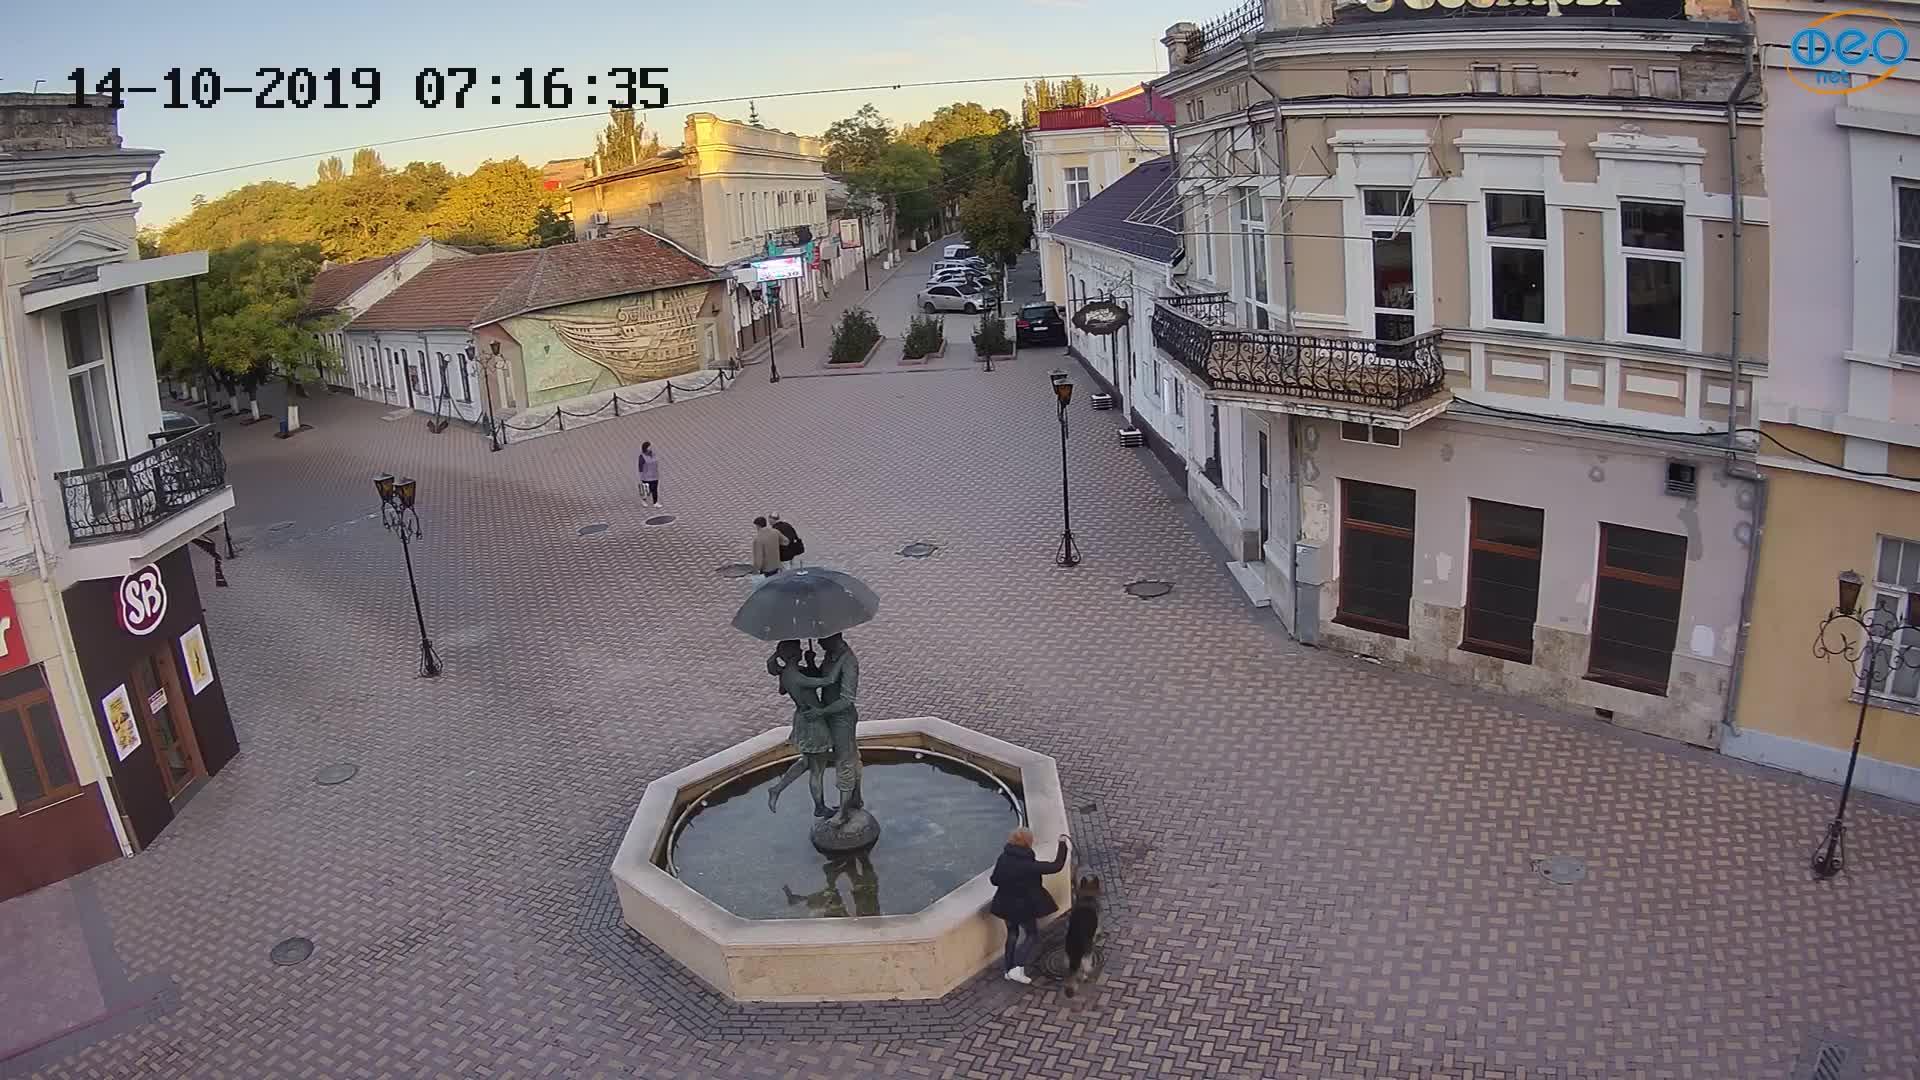 Веб-камеры Феодосии, Панно Бригантина (Камера со звуком.), 2019-10-14 07:23:06